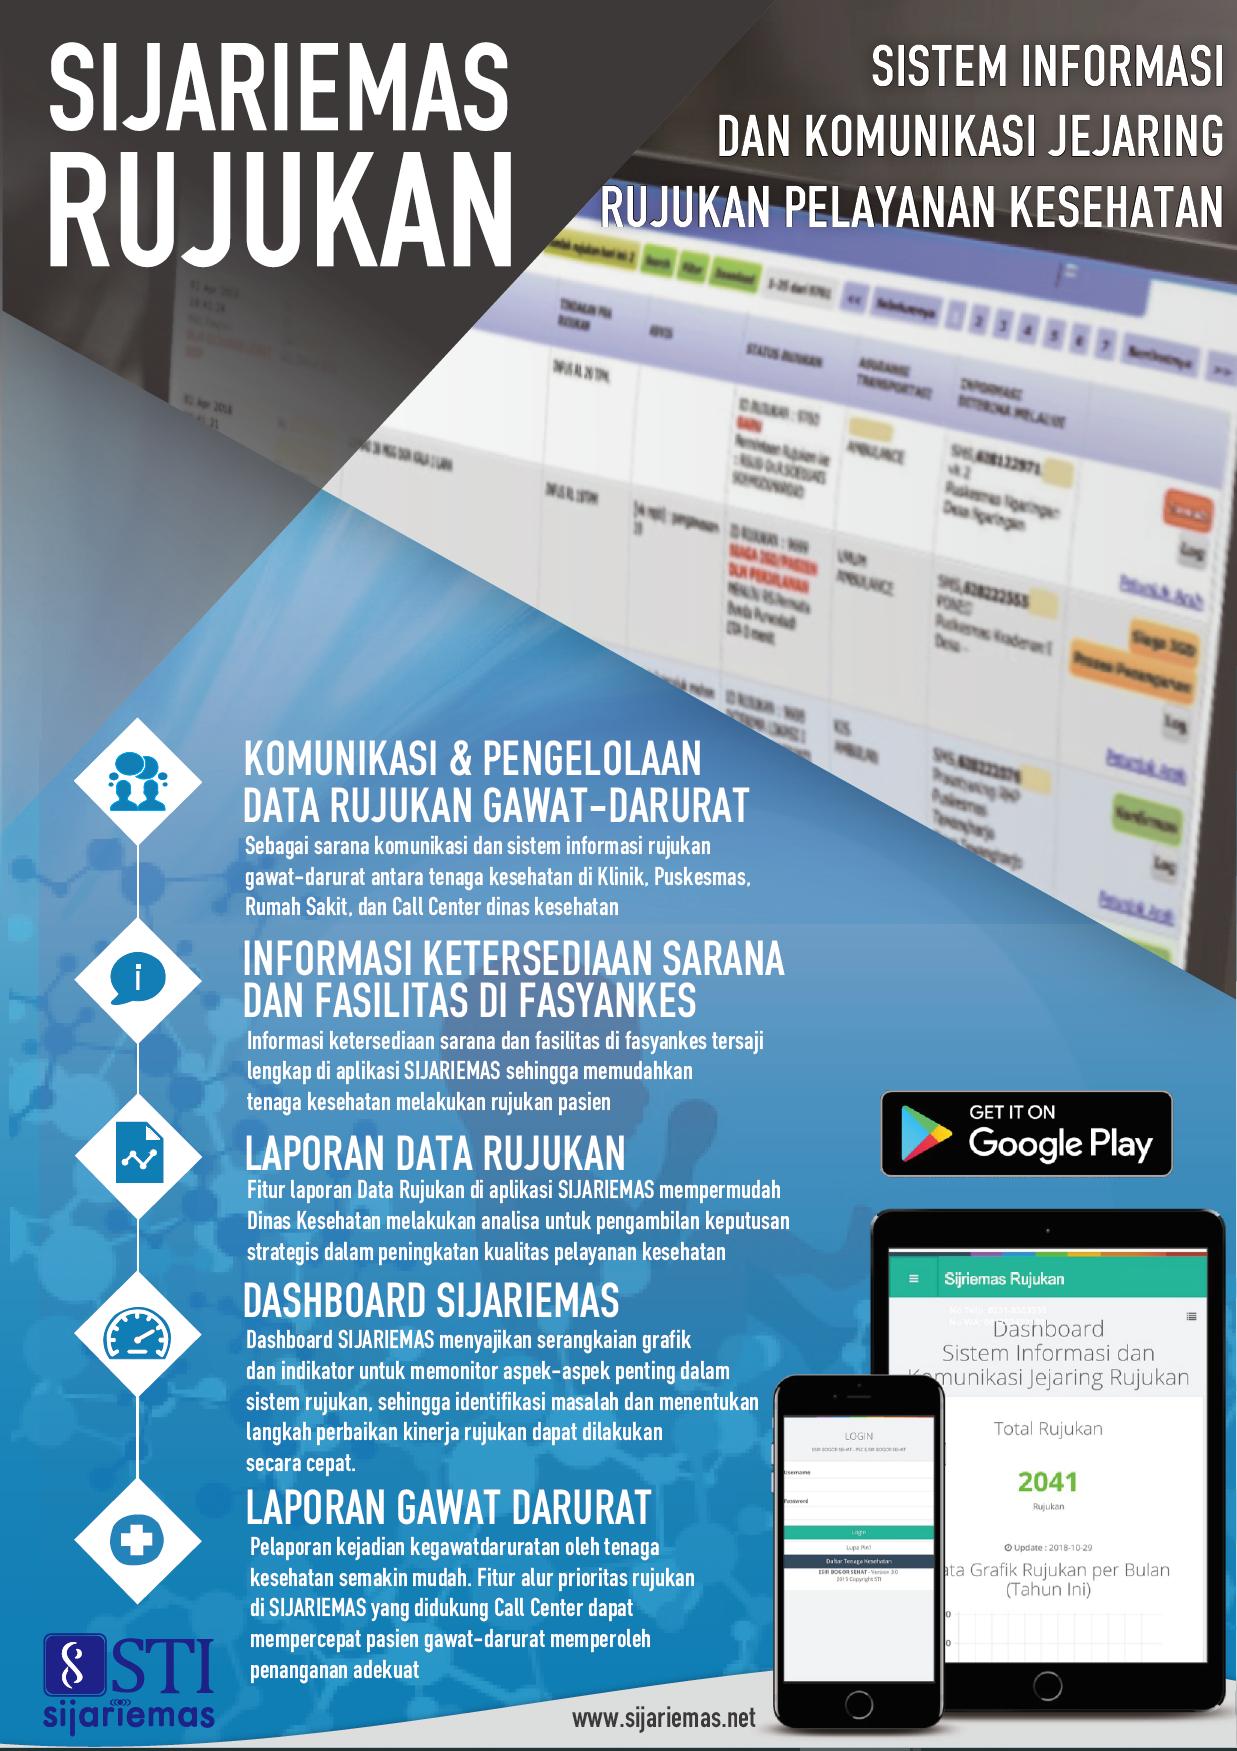 Aplikasi Sistem Informasi Dan Komunikasi Jejaring Rujukan Pelayanan Kesehatan Sijariemas Rujukan Rumah Sakit Rumah